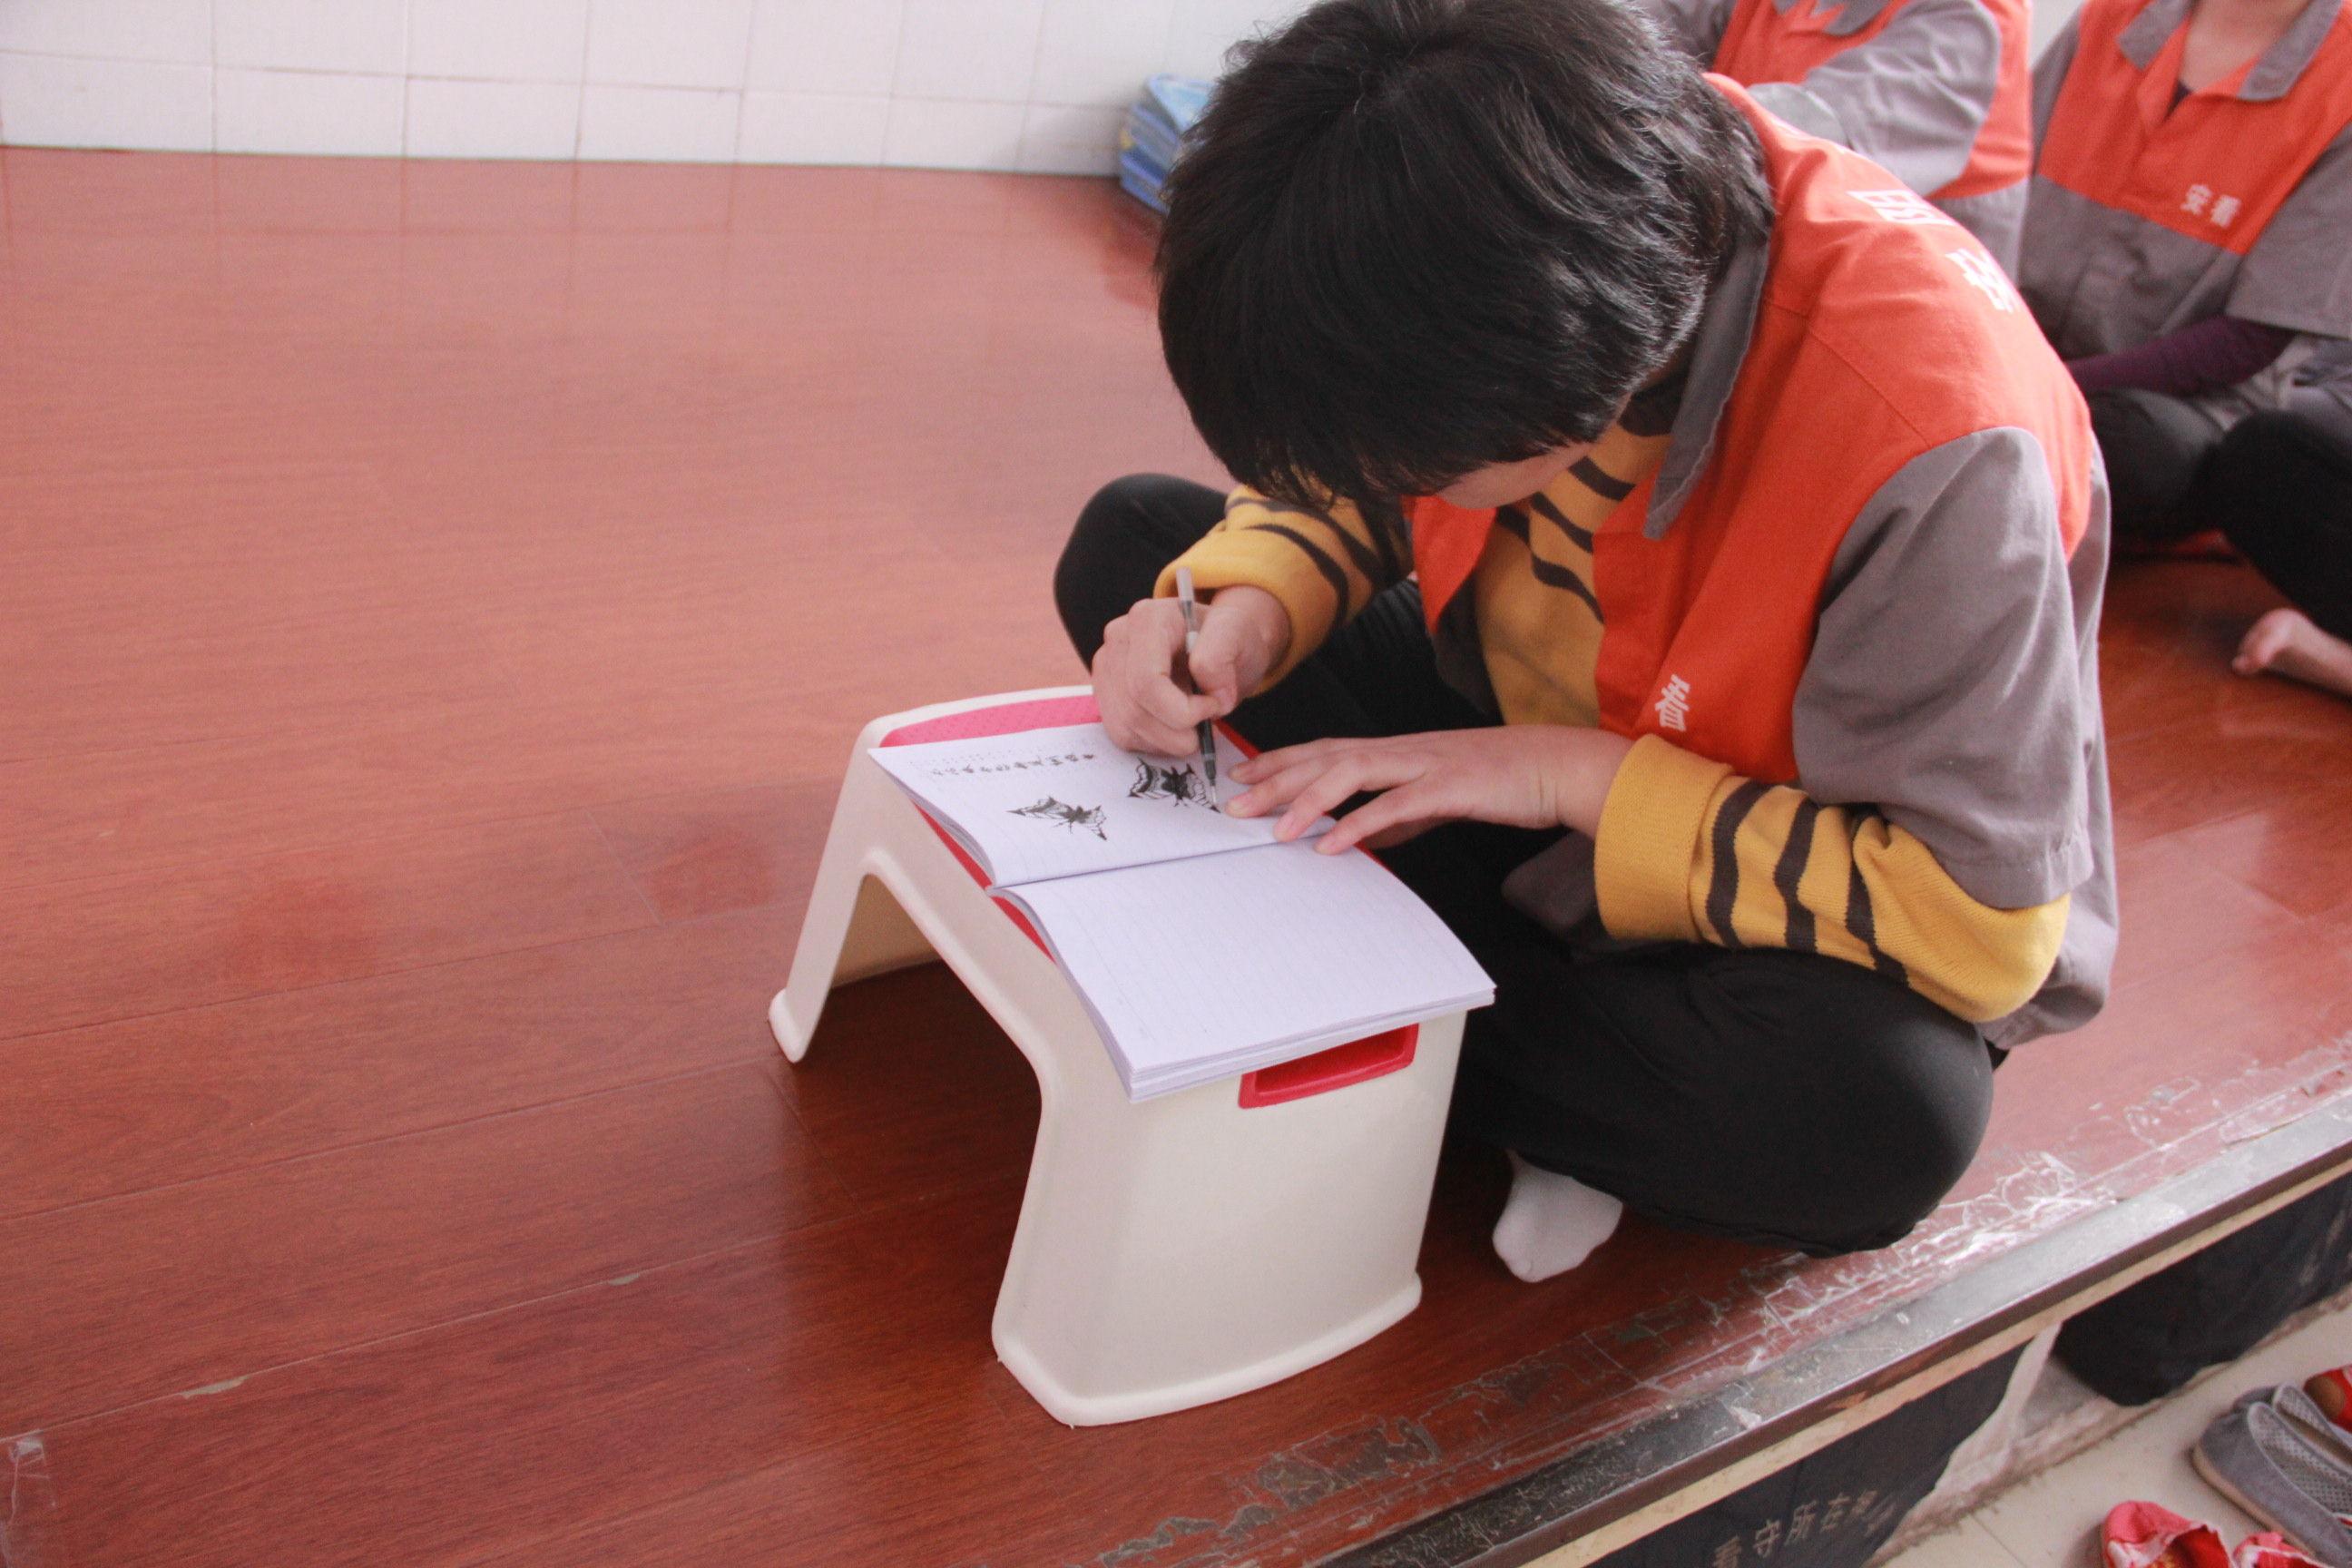 画画跳广场舞 安阳市拘留所在押人员过双节 组图 监区在押人员在认真地画着蝴蝶在押人员笔下蝴蝶栩栩如生在押人员画的